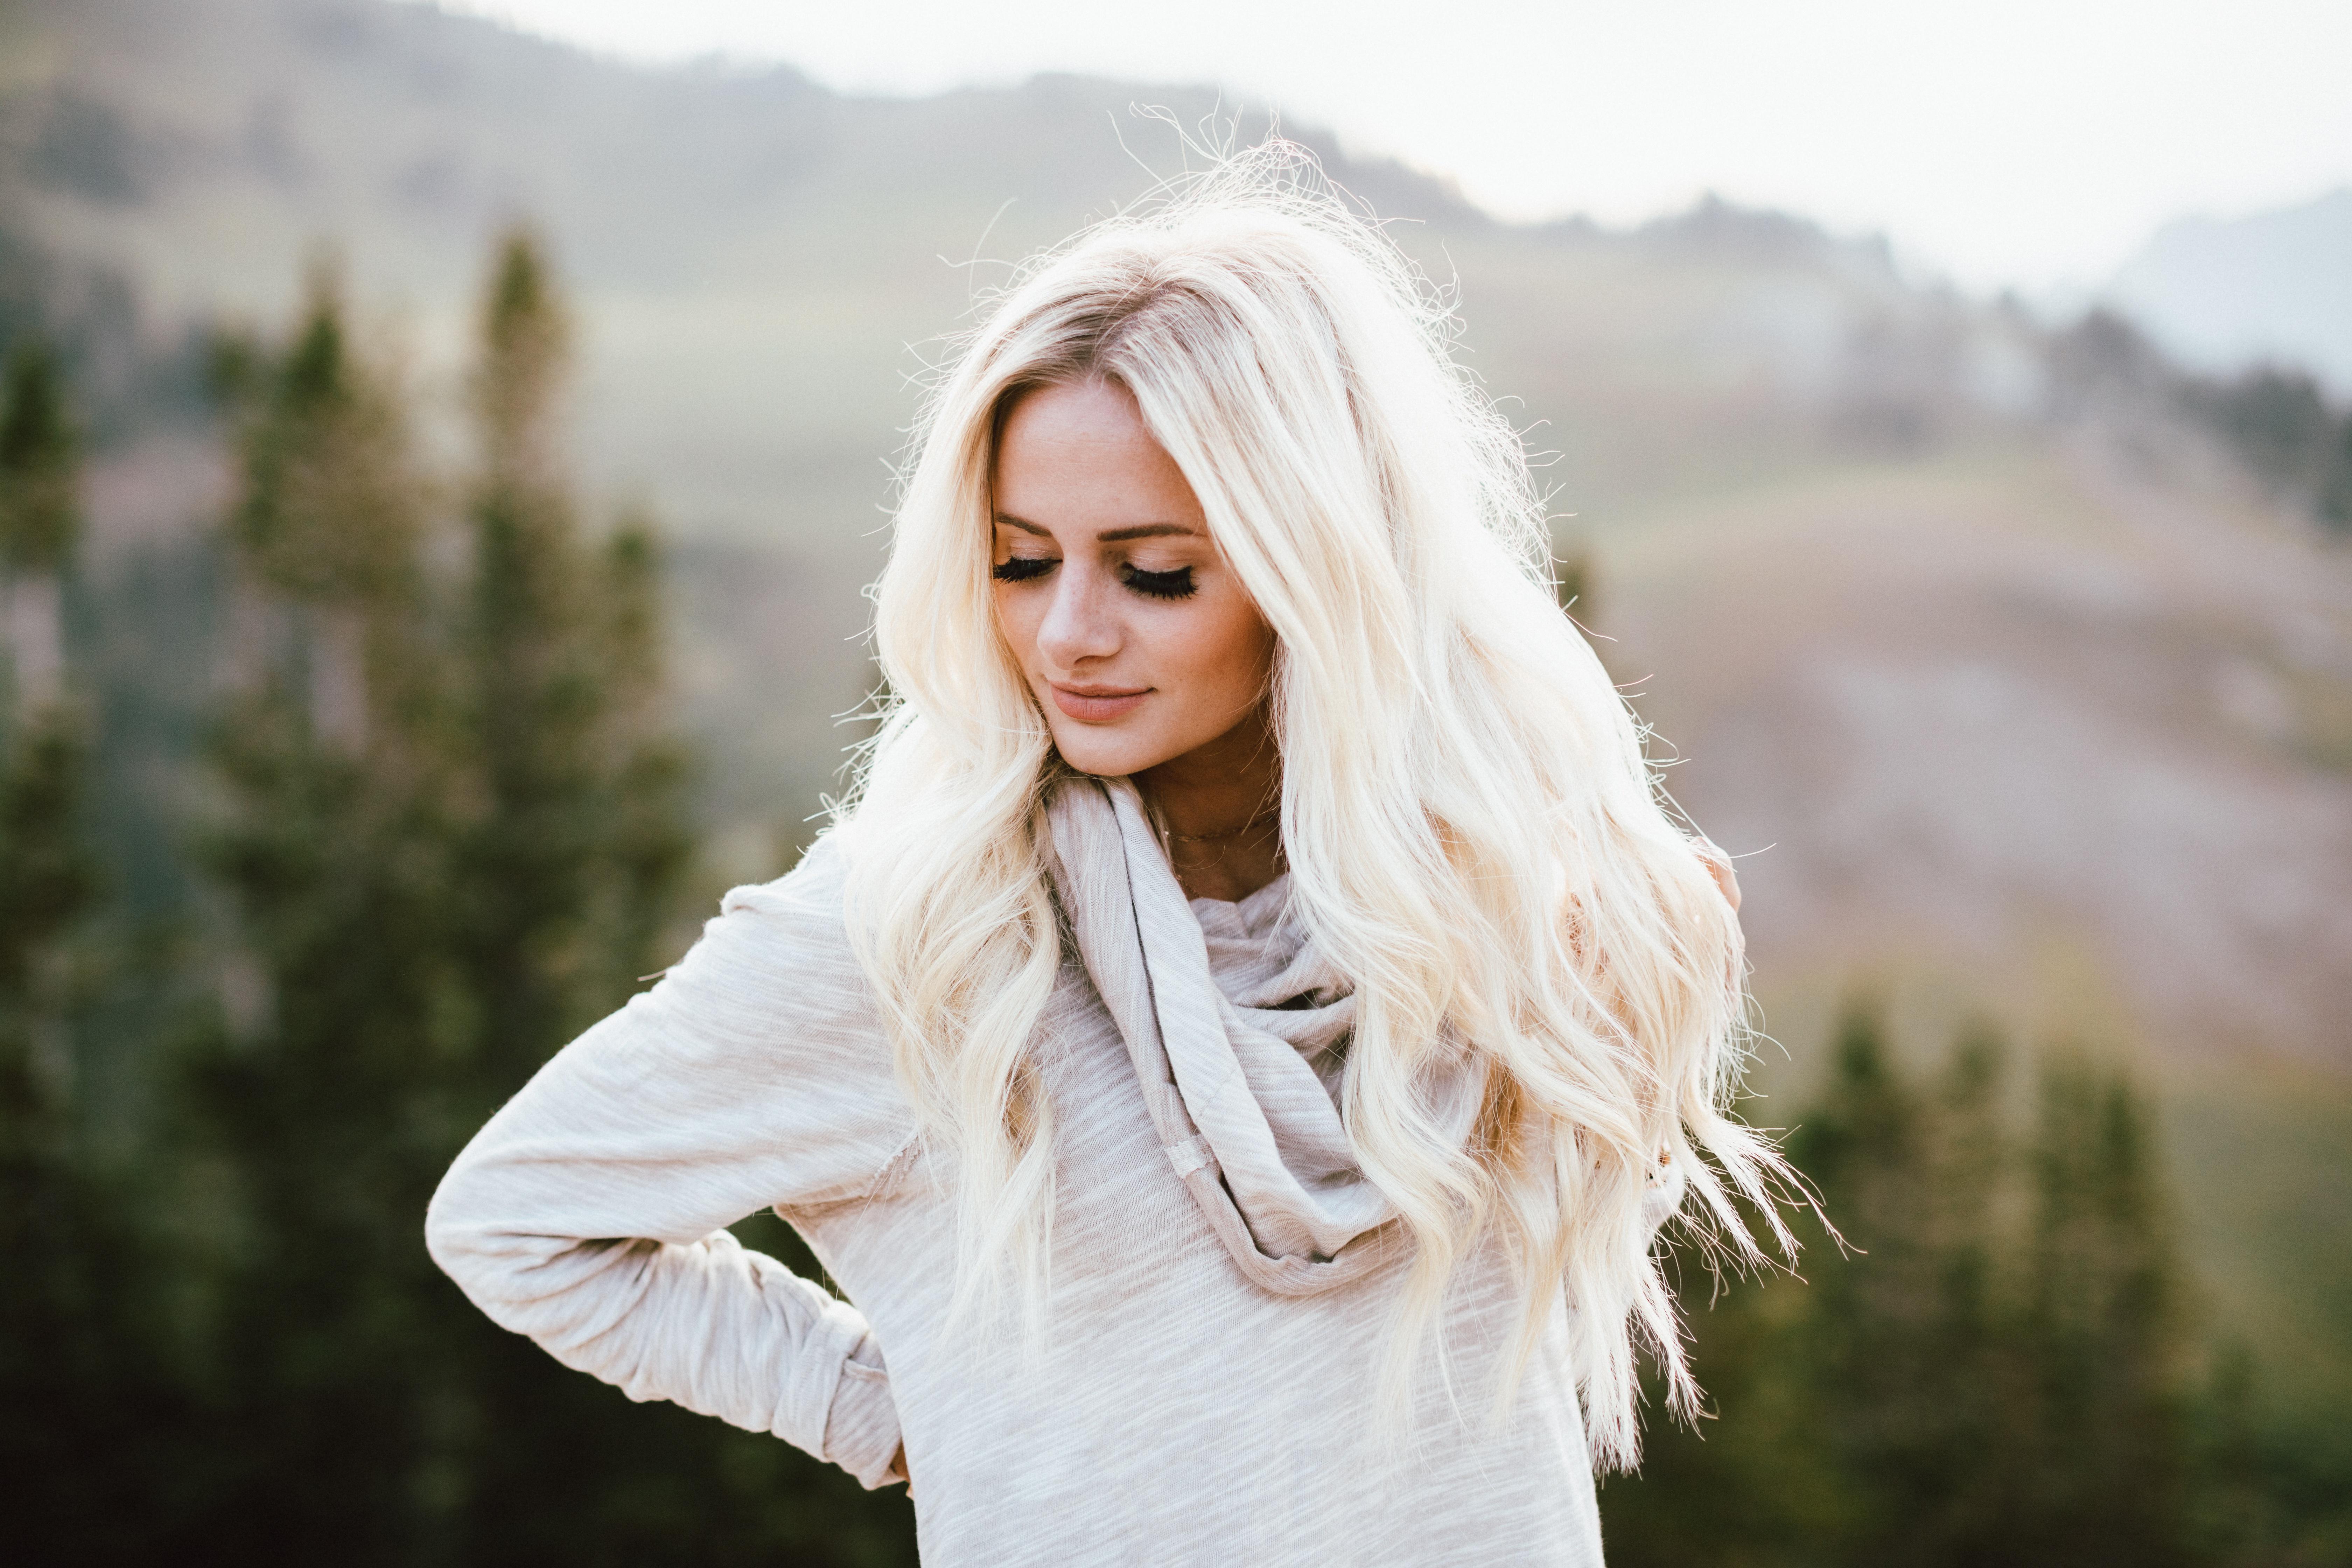 Фото на аву девушки блондинки